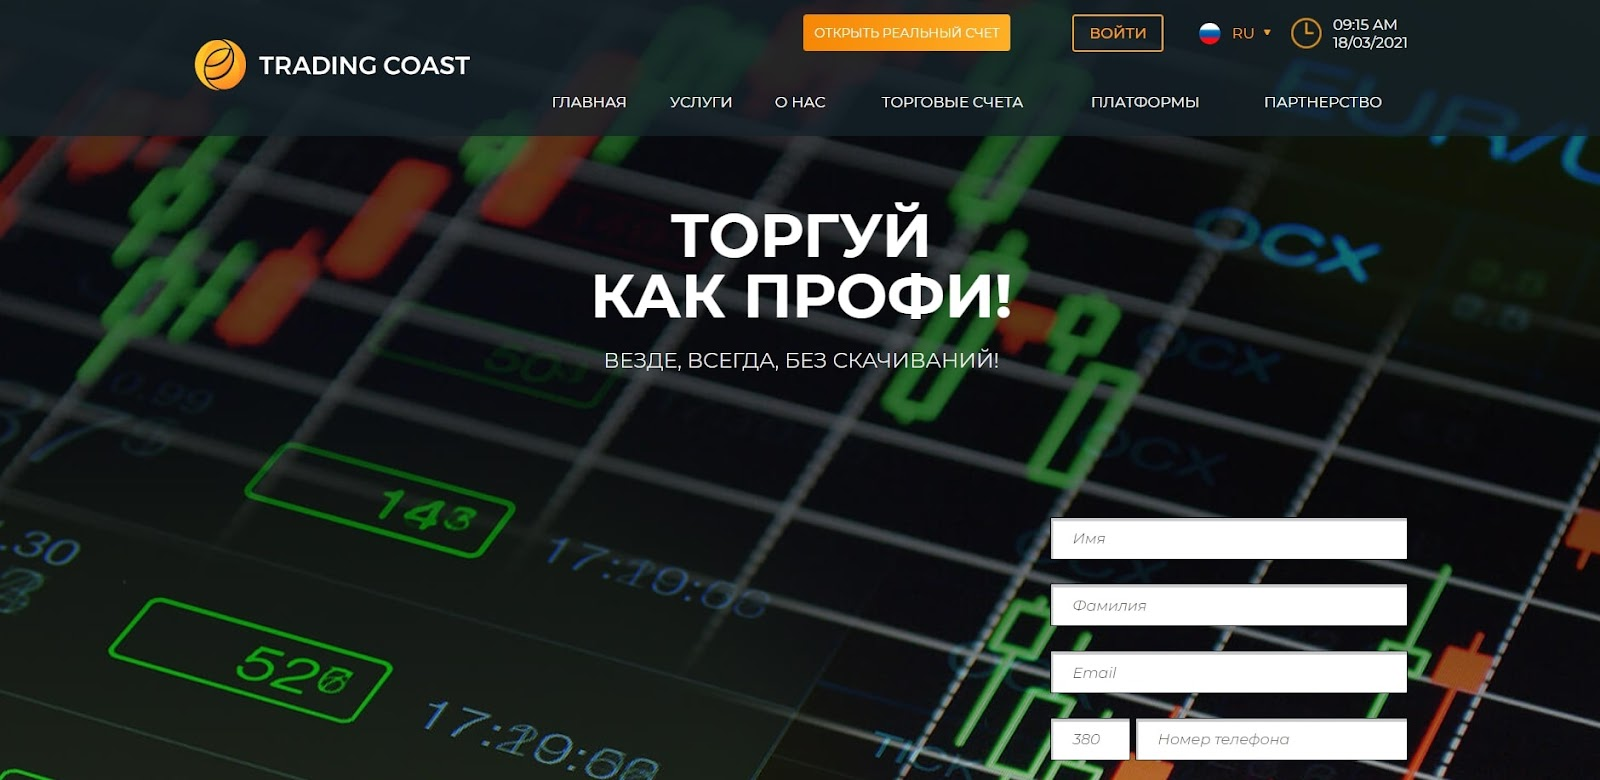 Честный обзор Trading Coast: тарифные планы, отзывы реальных клиентов